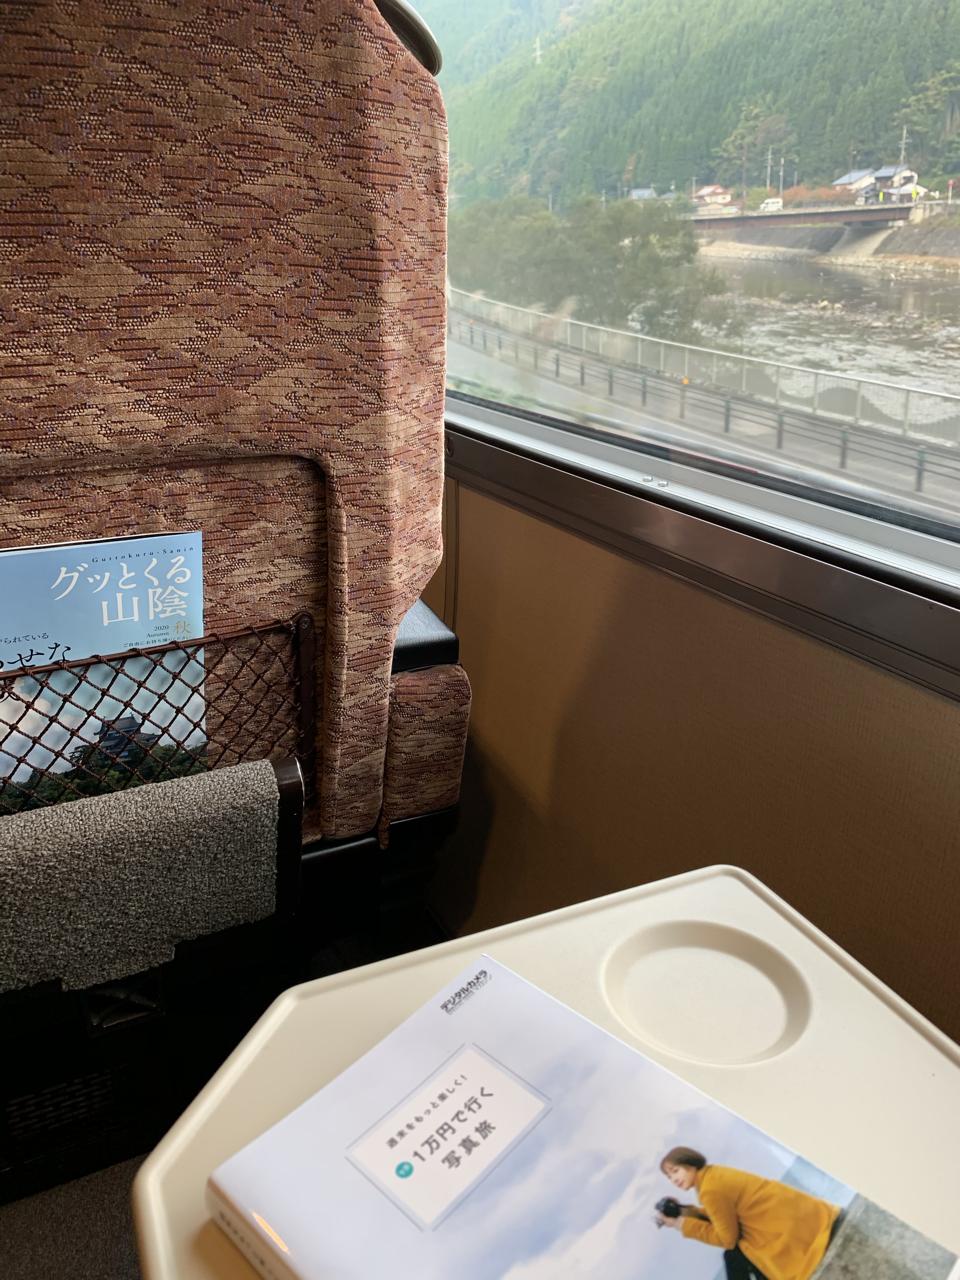 電車で読む1万円で行く写真旅